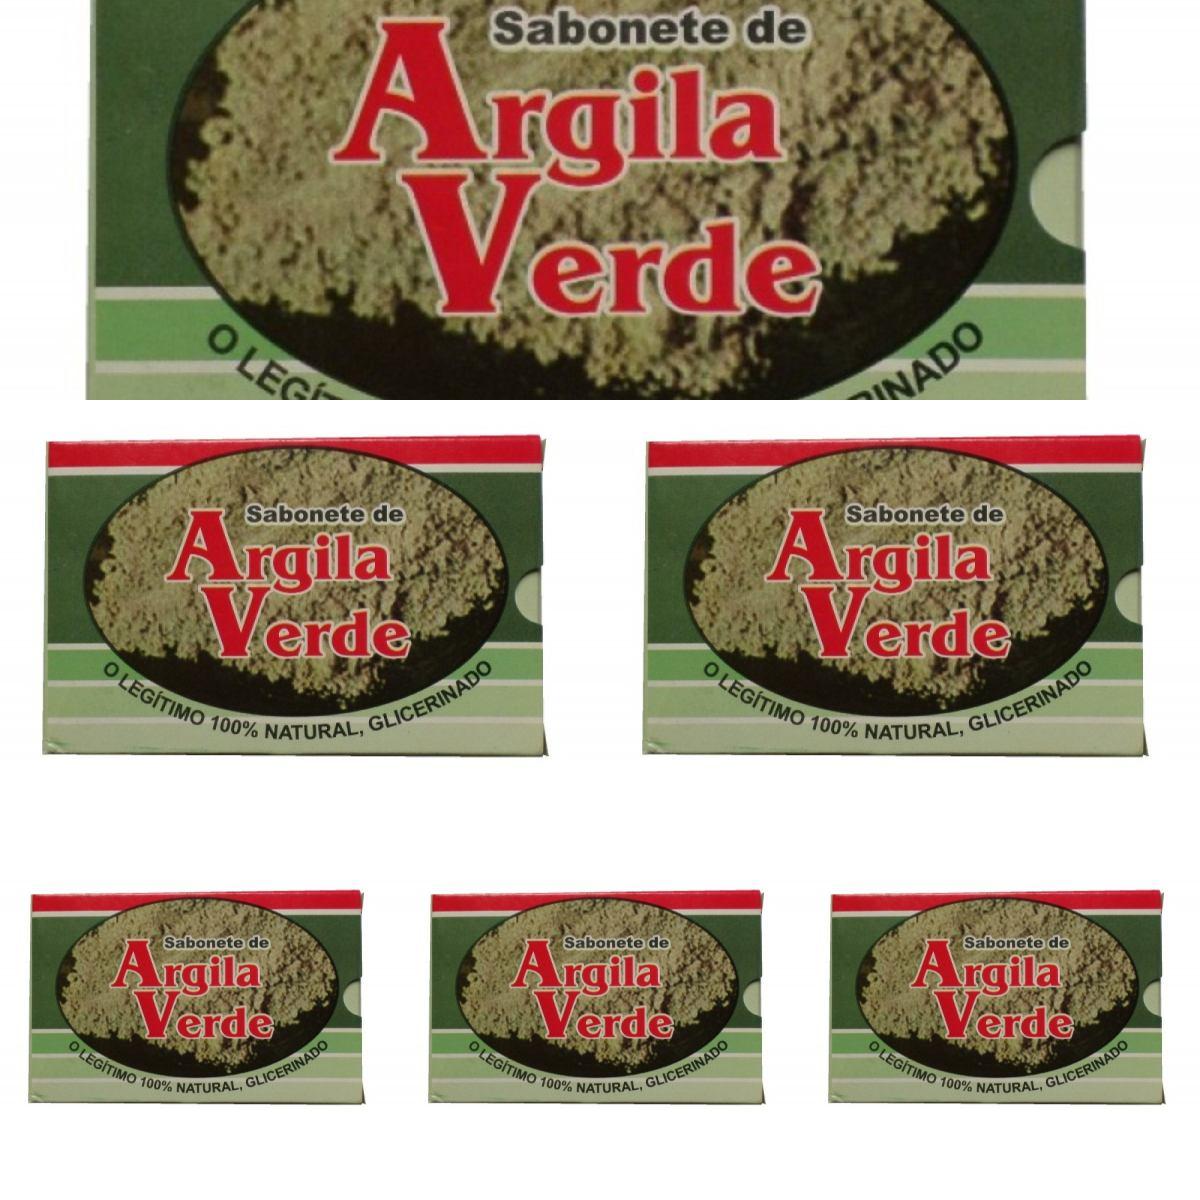 Kit Com 6 Sabonetes De Argila Verde - 100% Glicerinado